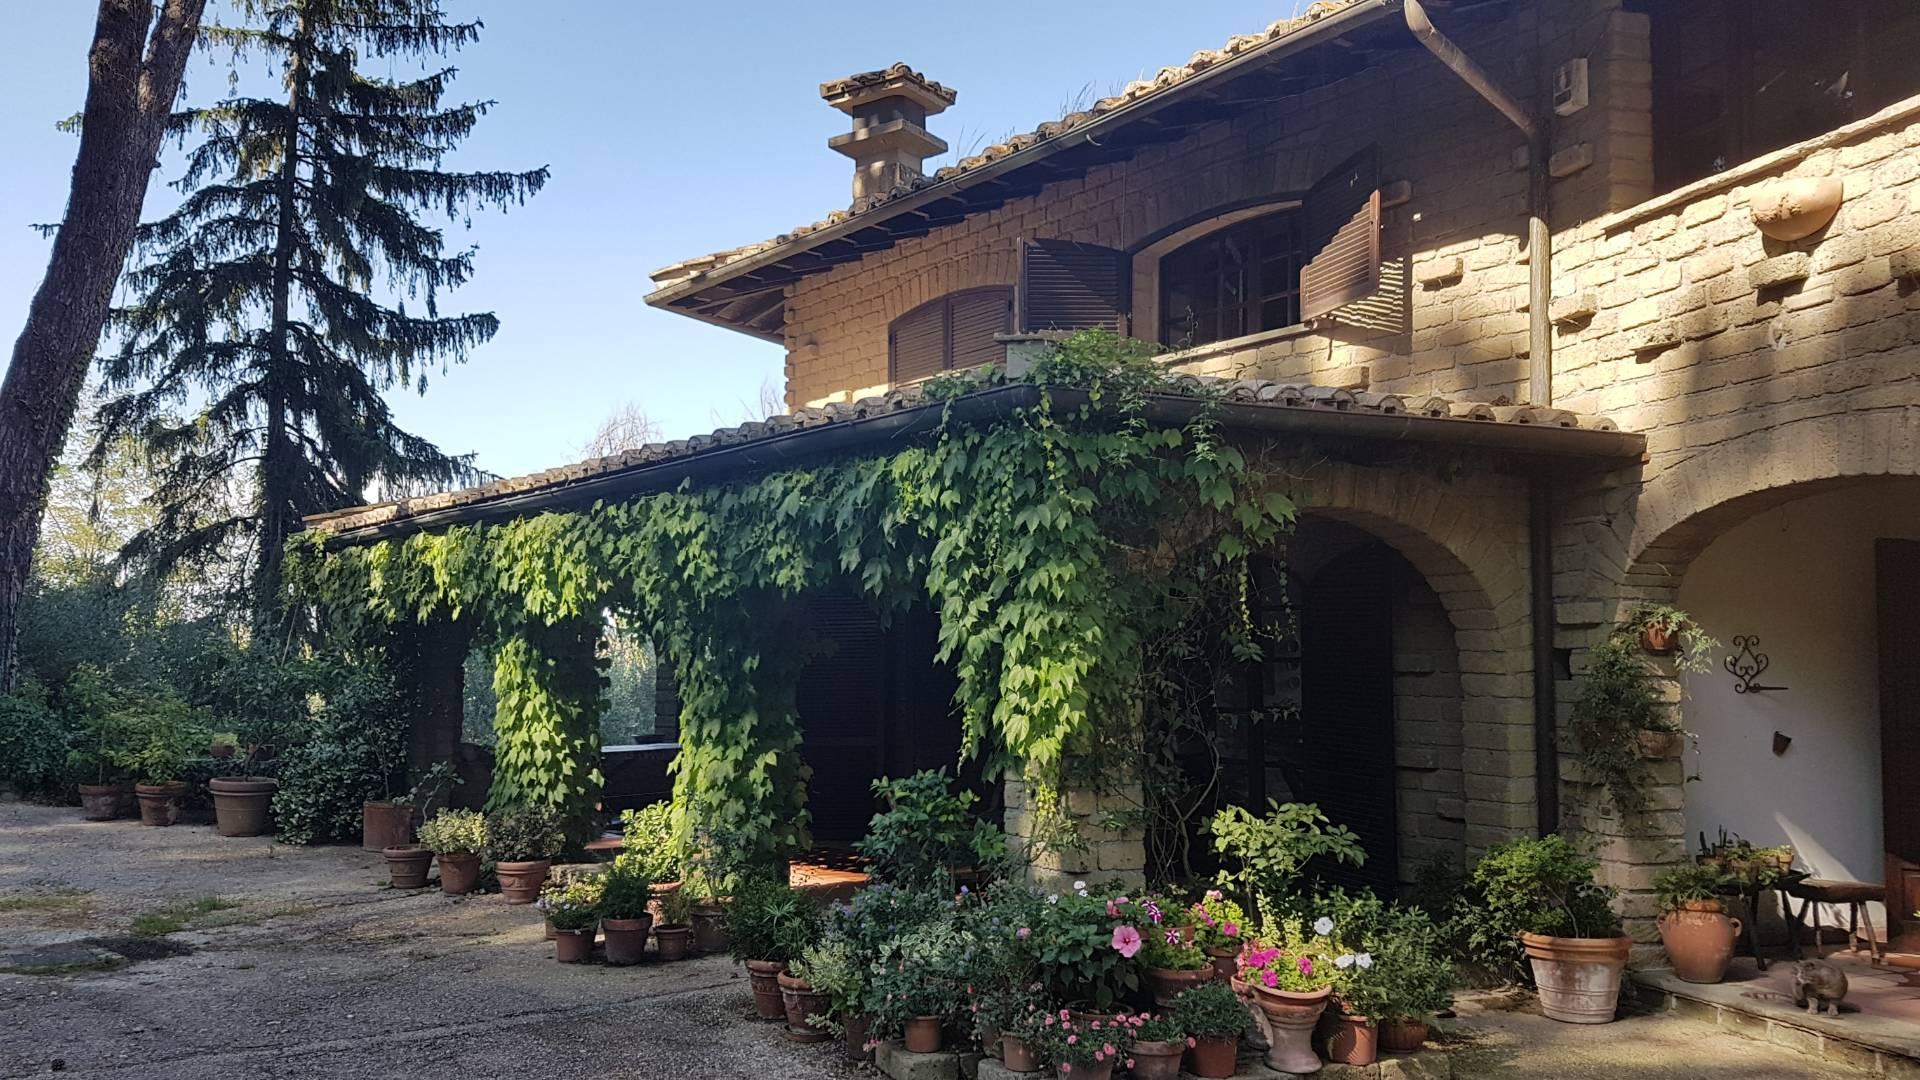 Villa in vendita a Formello, 14 locali, zona Località: monteMadonna, prezzo € 700.000 | CambioCasa.it